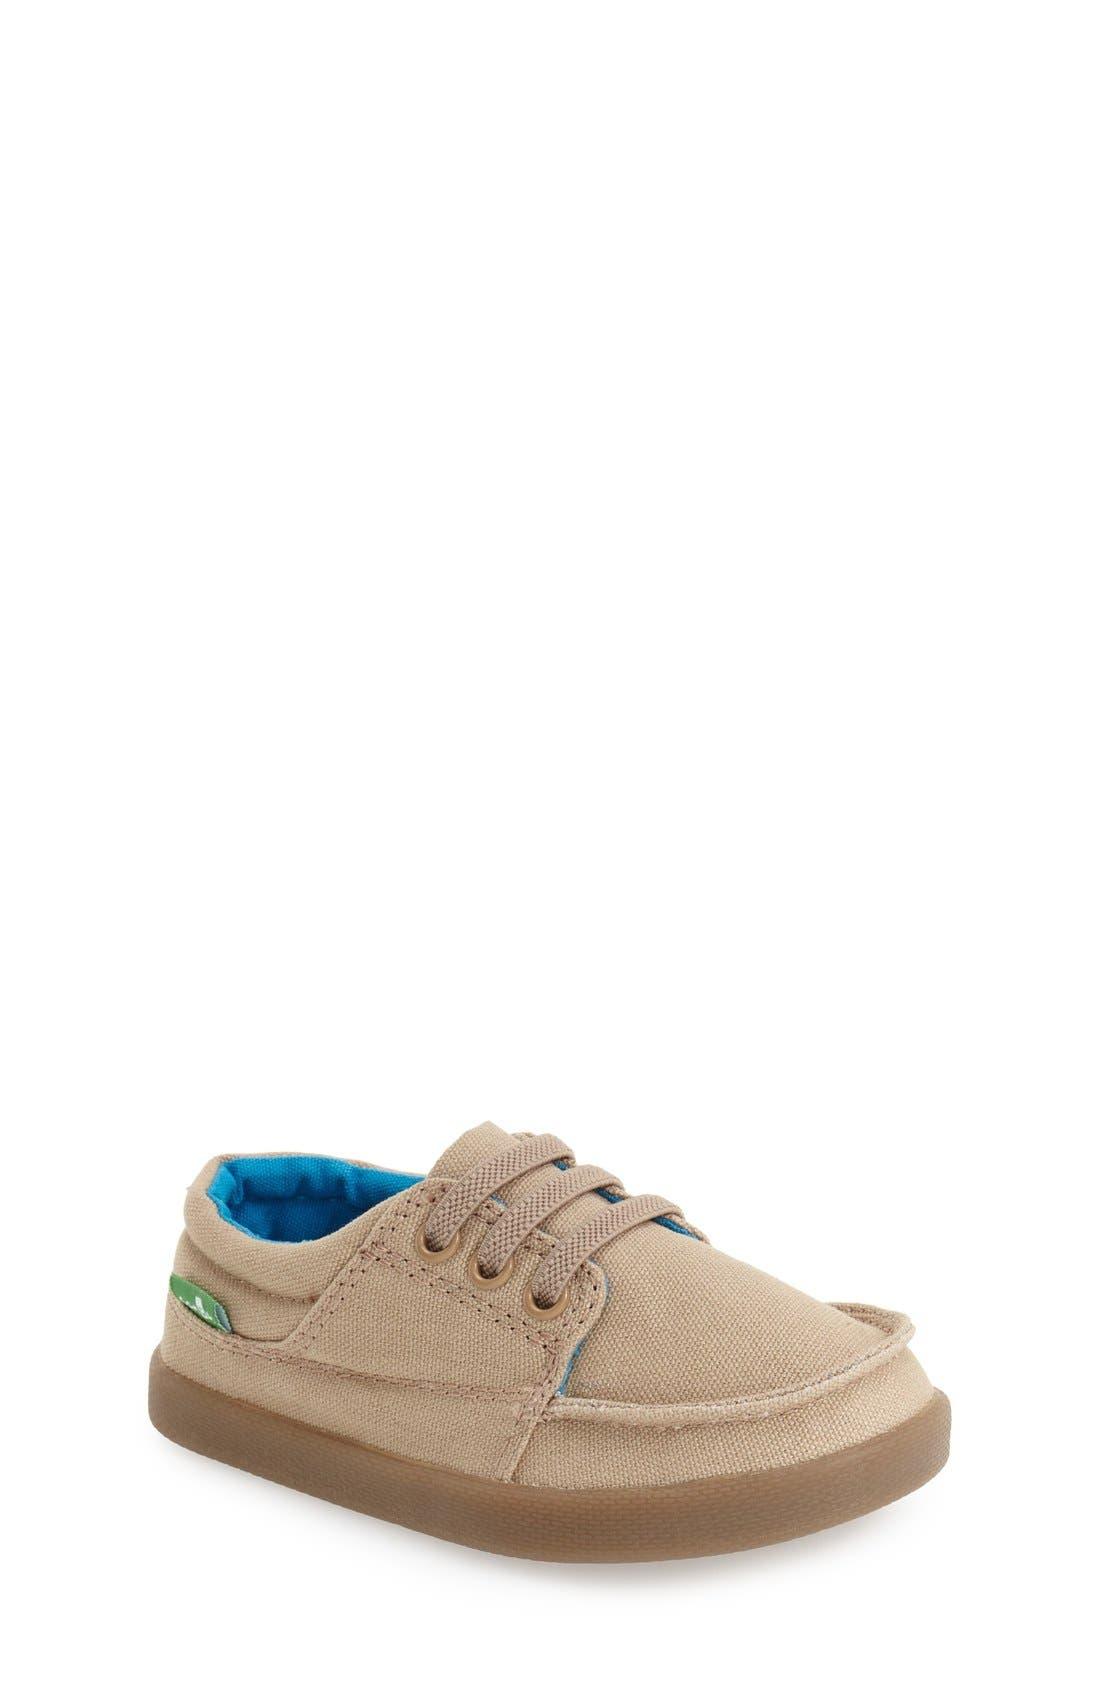 SANUK 'Lil Tko' Sneaker